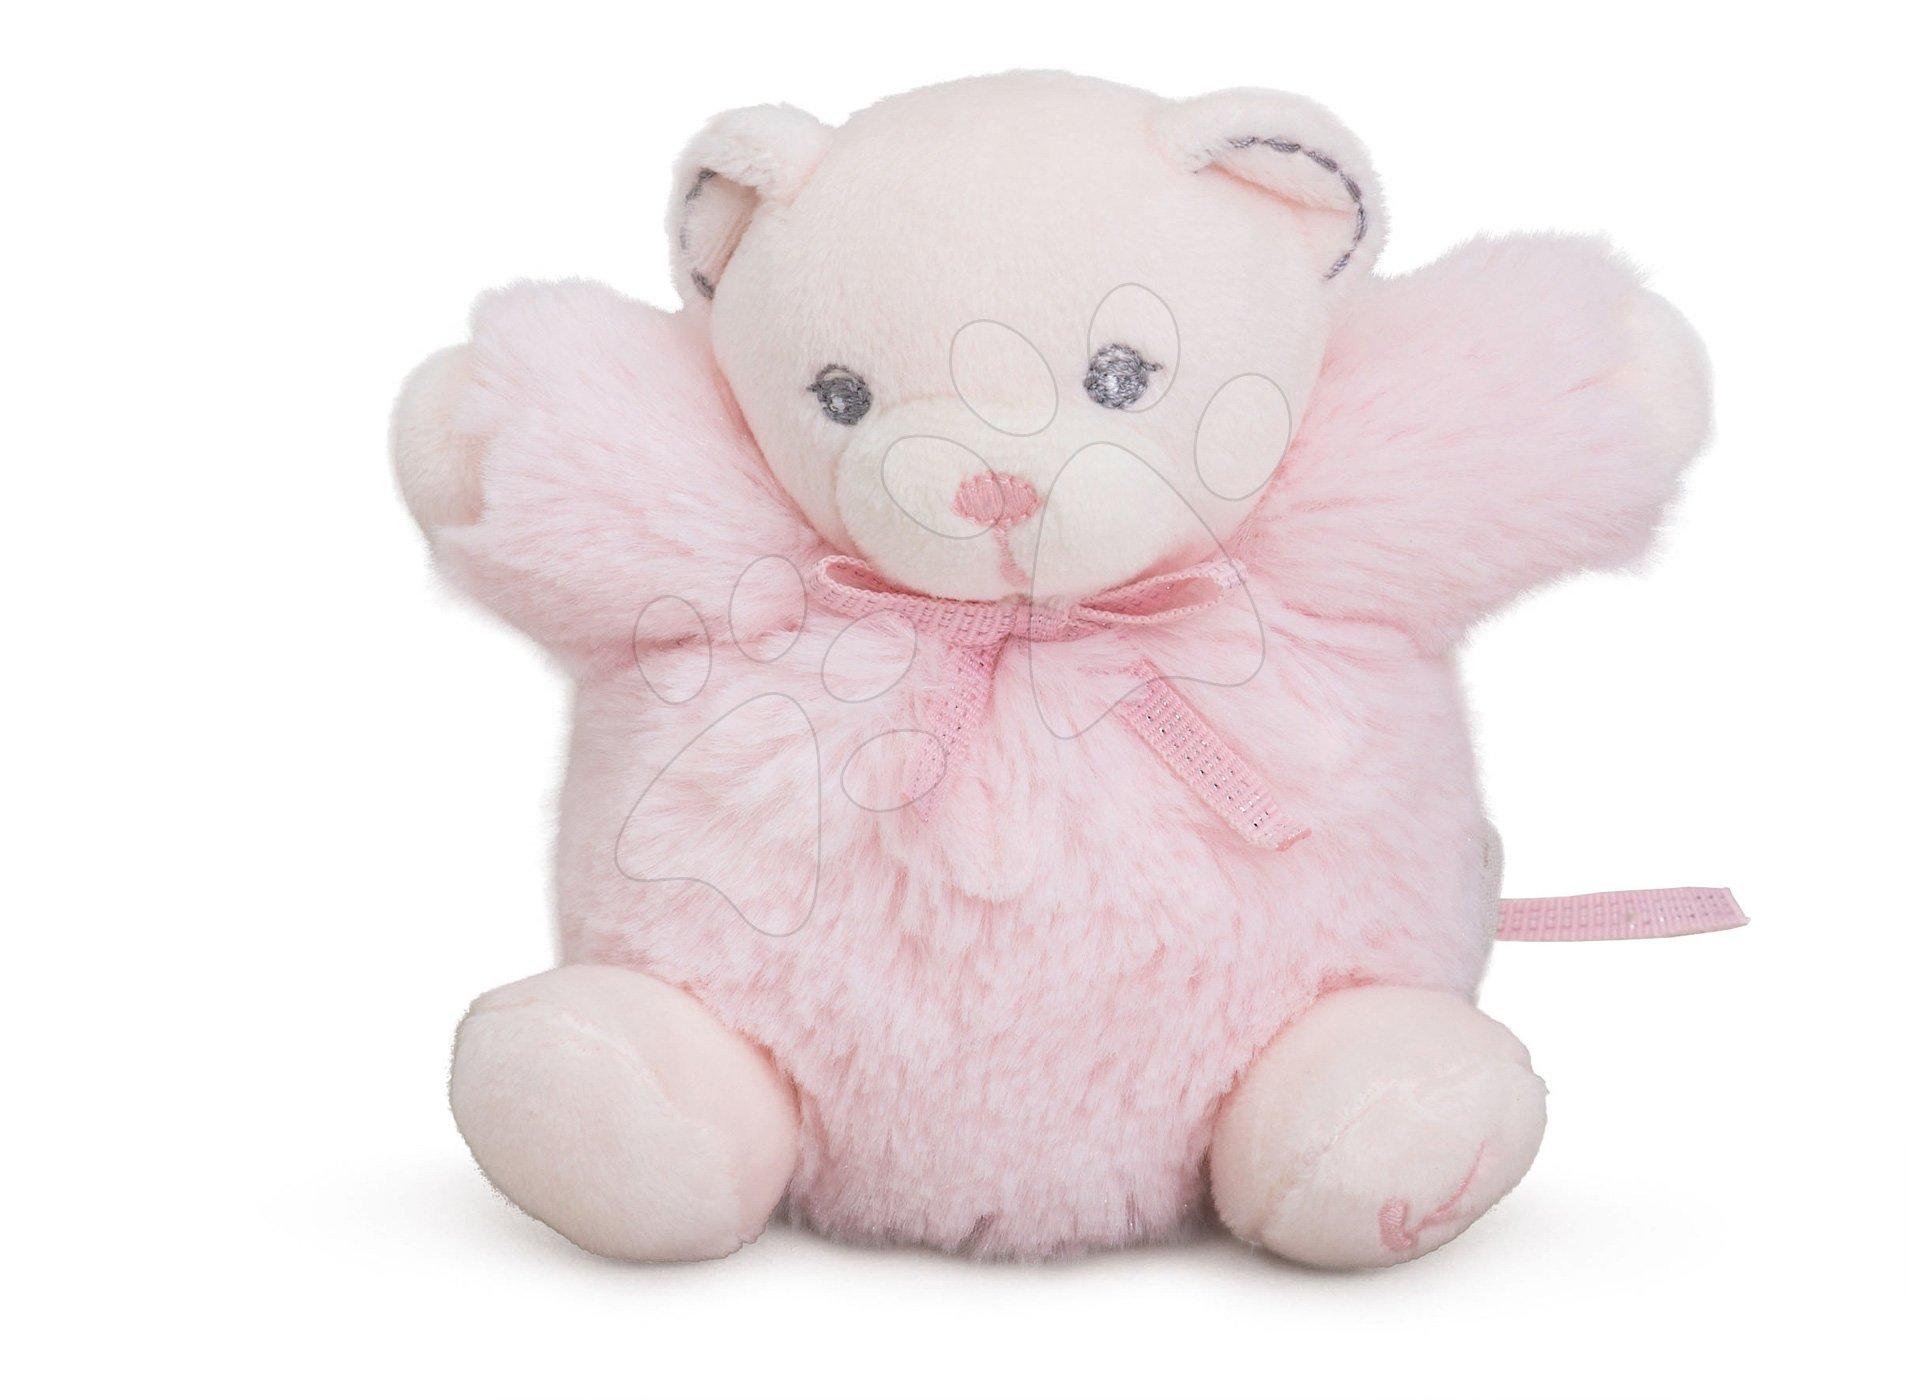 Plyšové medvede - Plyšový medvedík Perle-Mini Chubbies Bear Kaloo 12 cm pre najmenších ružový